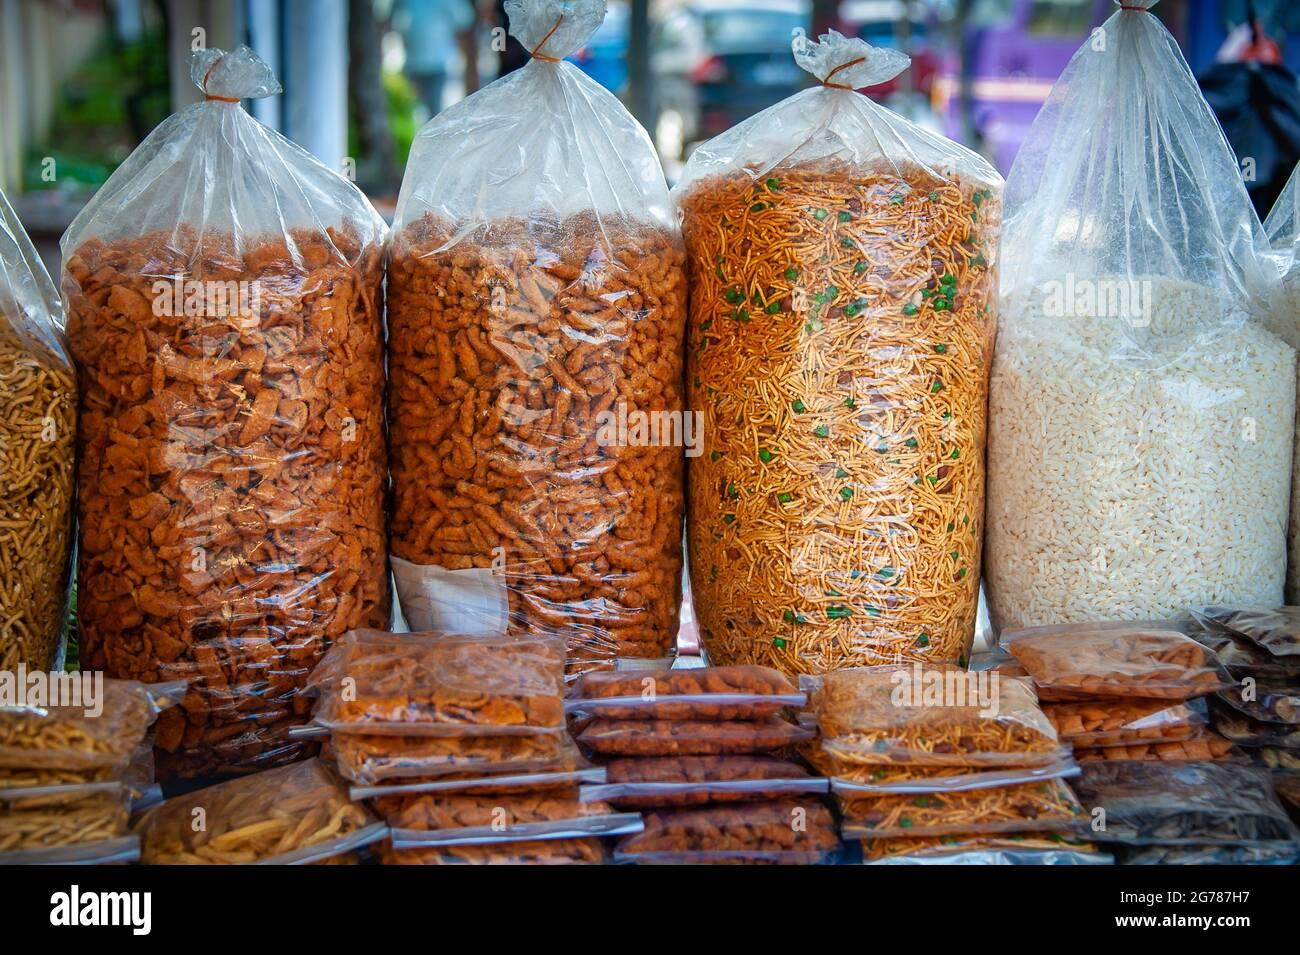 Galletas saladas en exposición en un mercado callejero, mezcla de aperitivos orientales tradicionales servido como aperitivo o acompañamiento a las bebidas Foto de stock